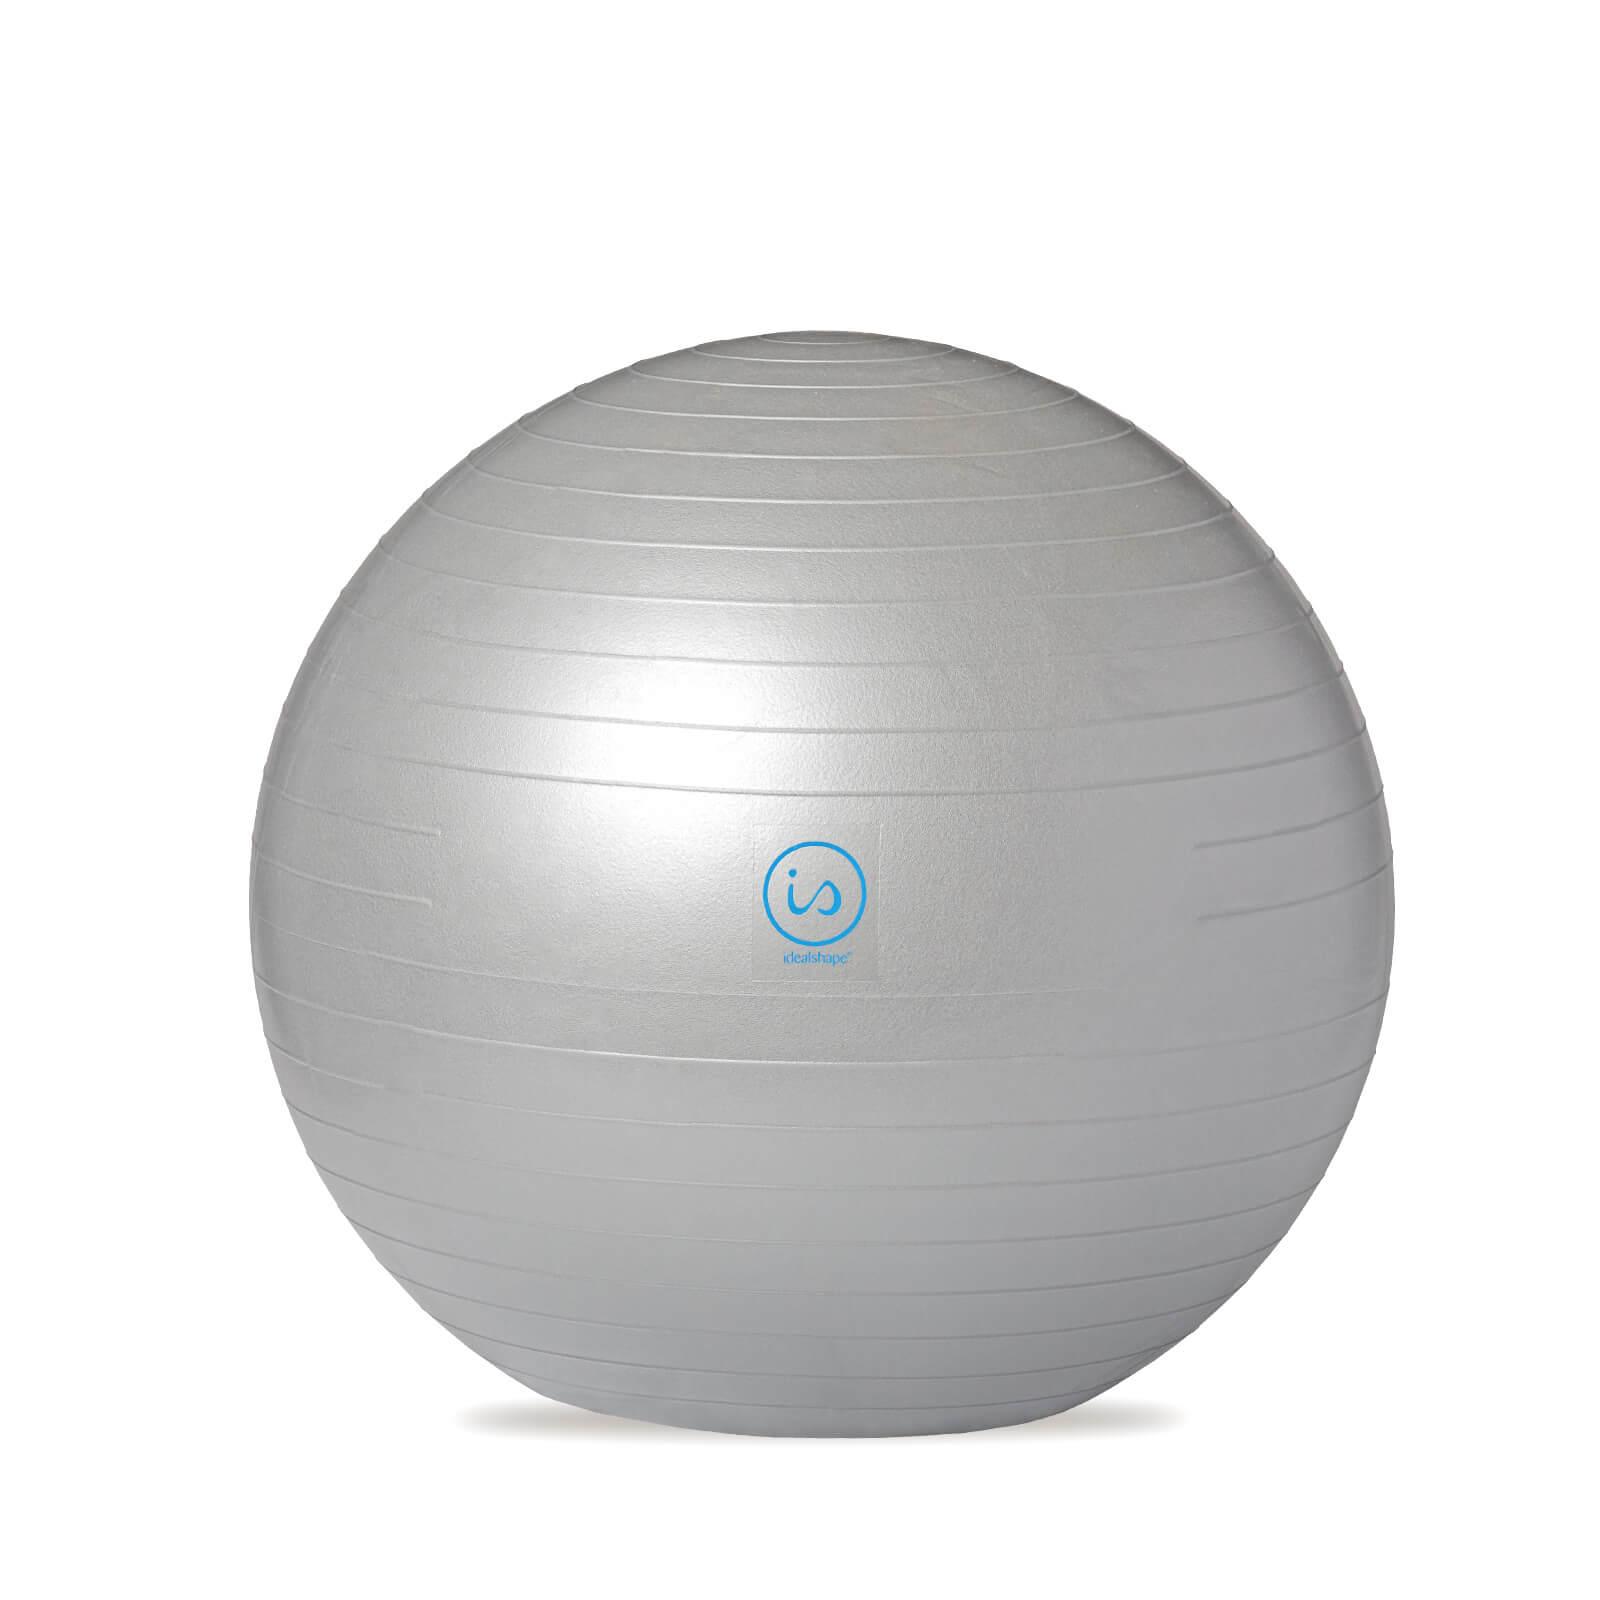 IdealShape Exercise Ball